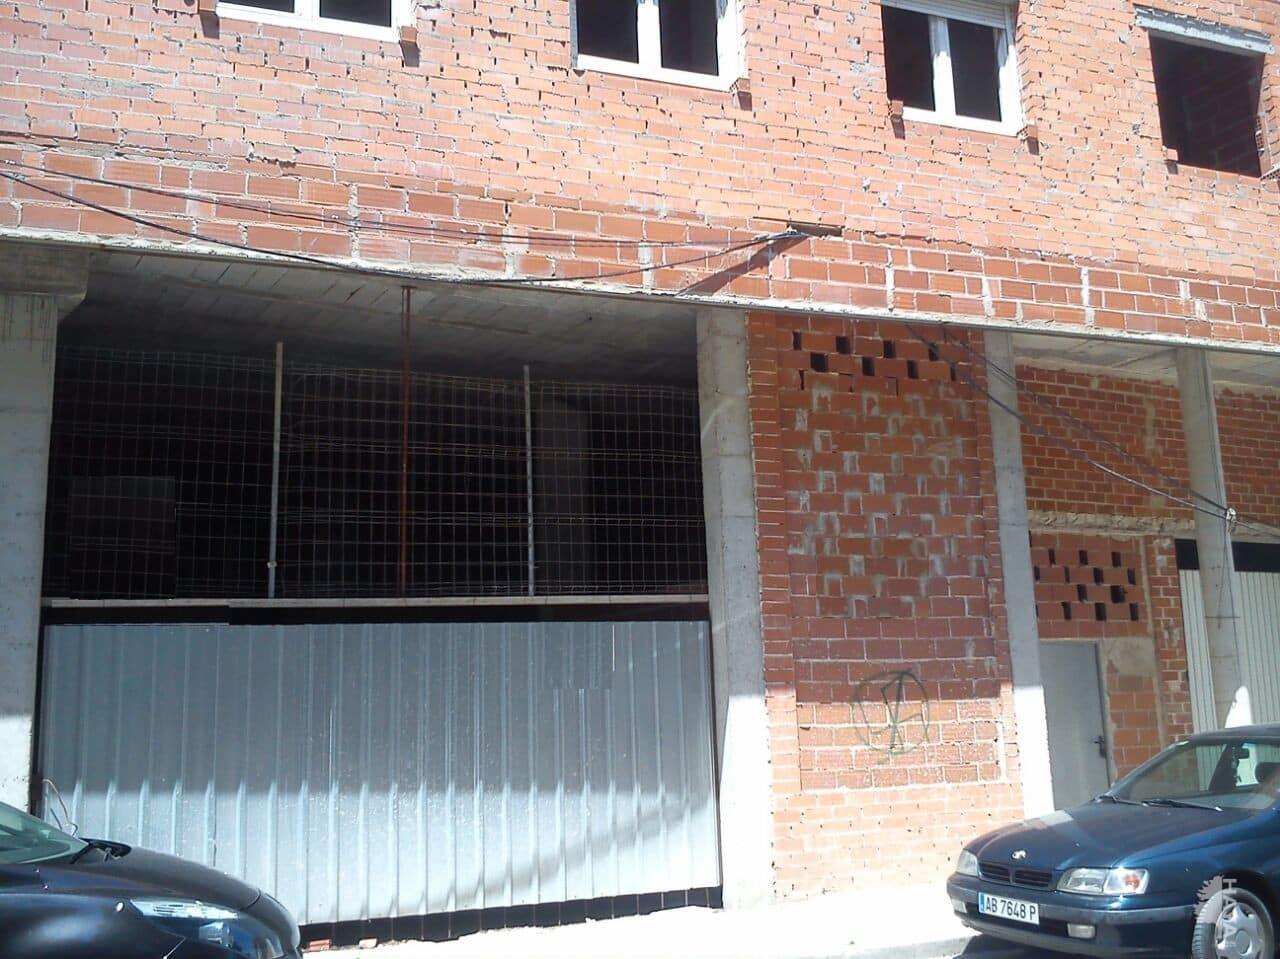 Piso en venta en La Roda, Albacete, Calle Juan Garcia Glz, 29.100 €, 1 habitación, 1 baño, 85 m2